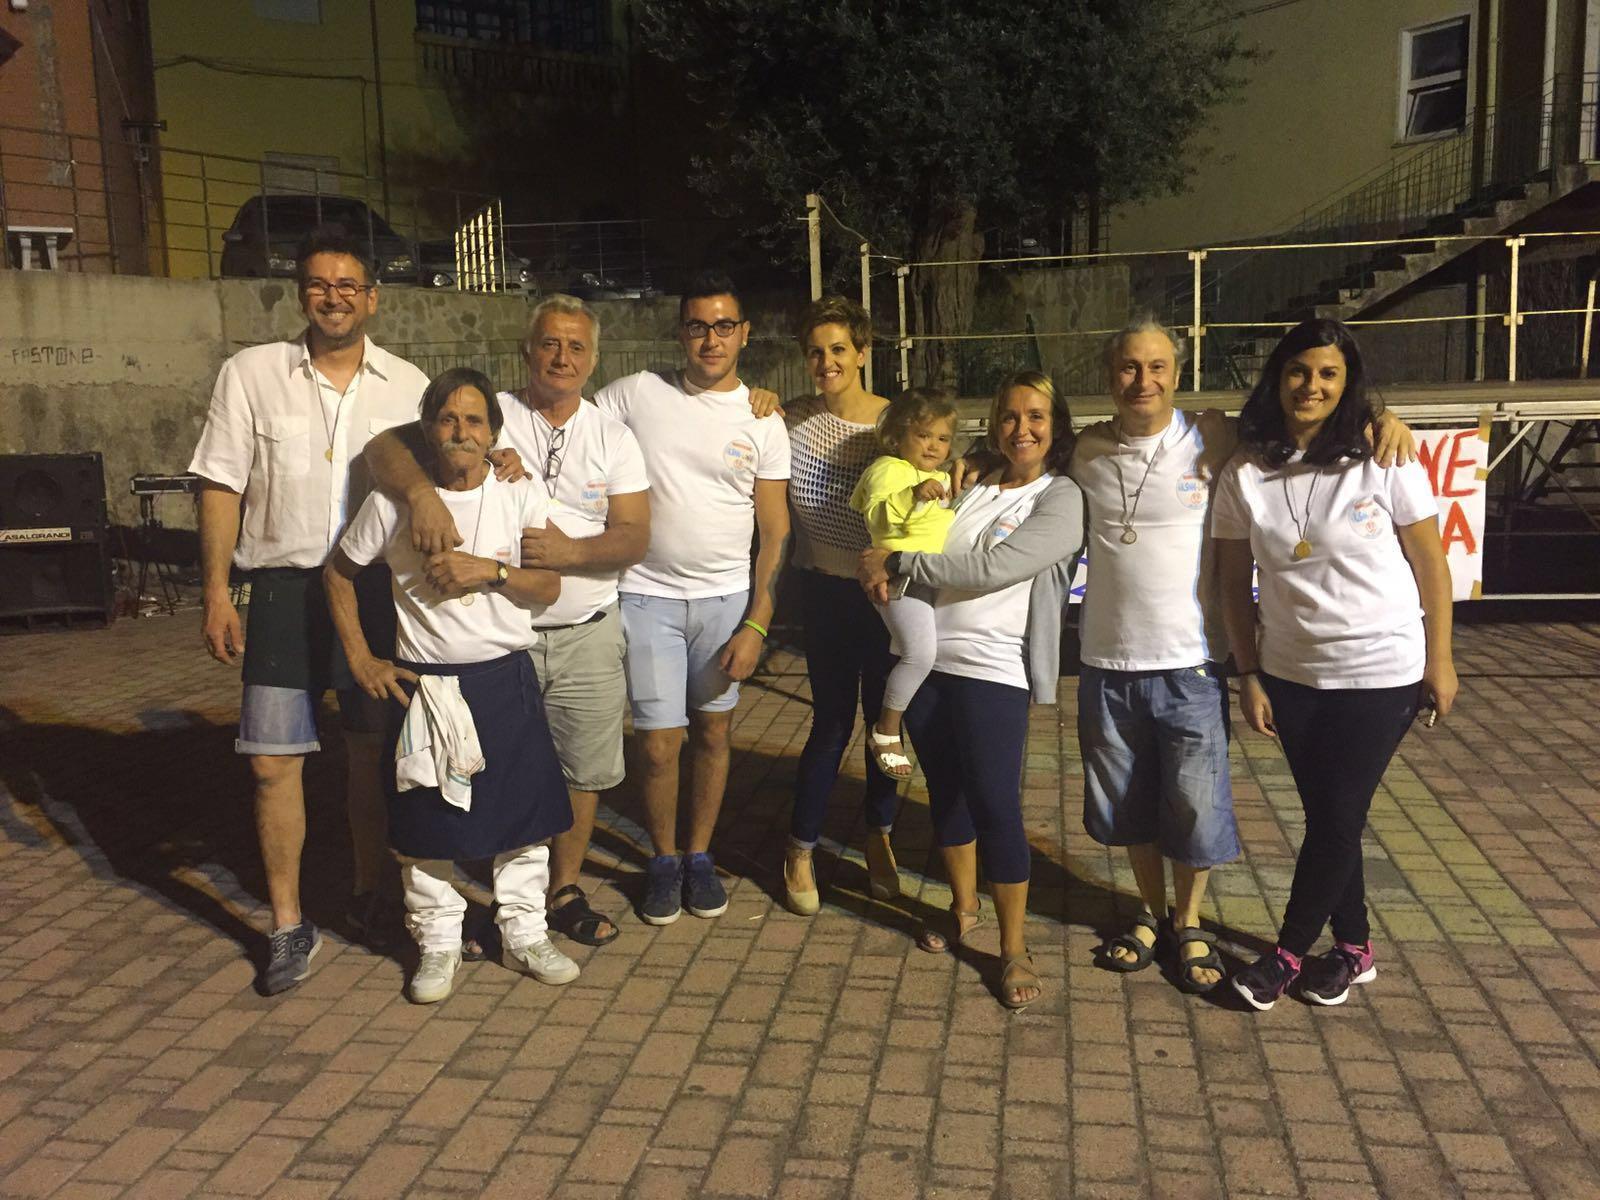 Gli organizzatori della festa a Valsinni